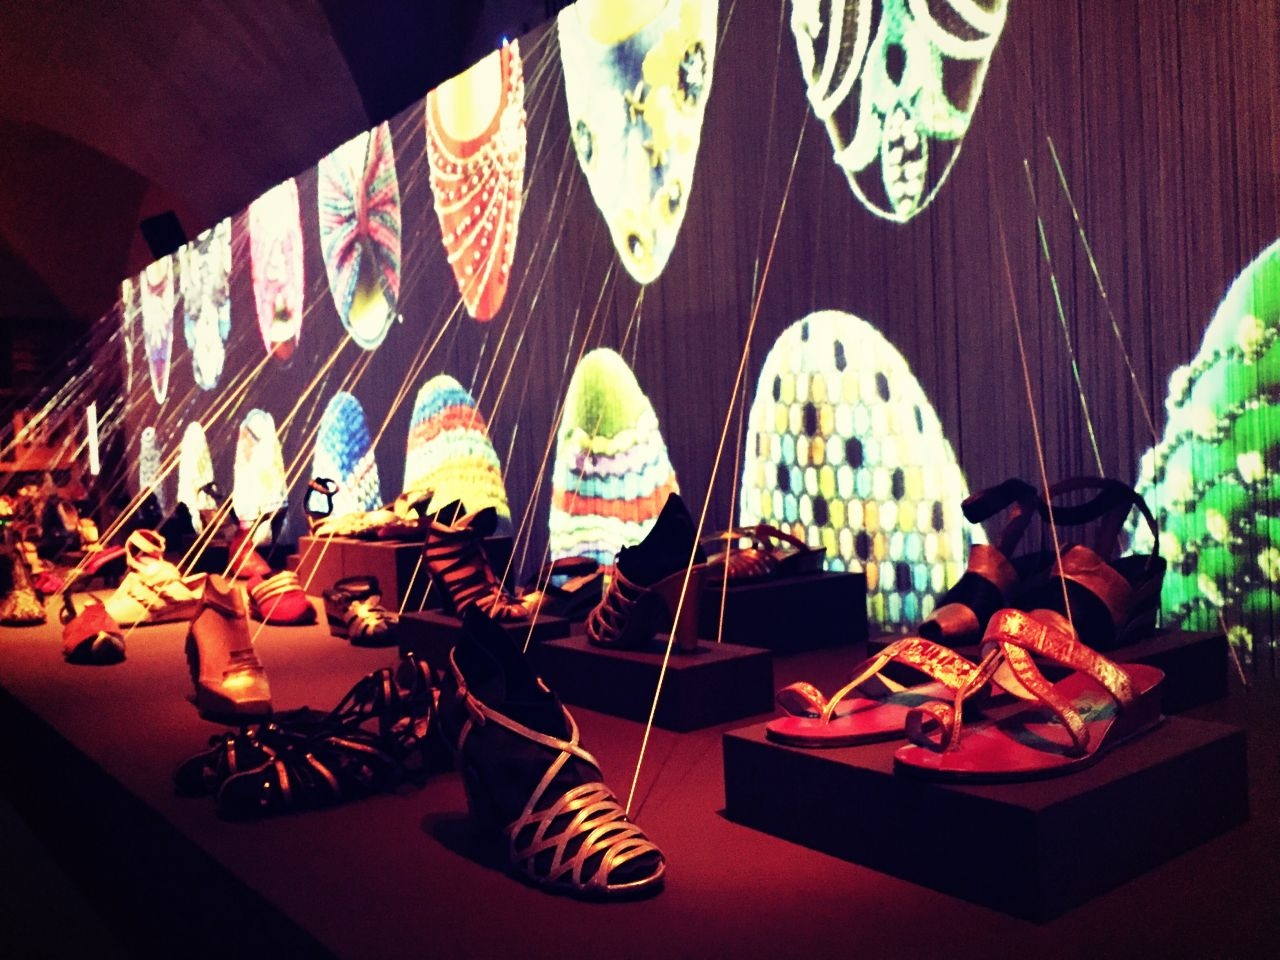 約10,000点の靴が貯蔵される美術館「サルバトーレ・フェラガモ美術館」